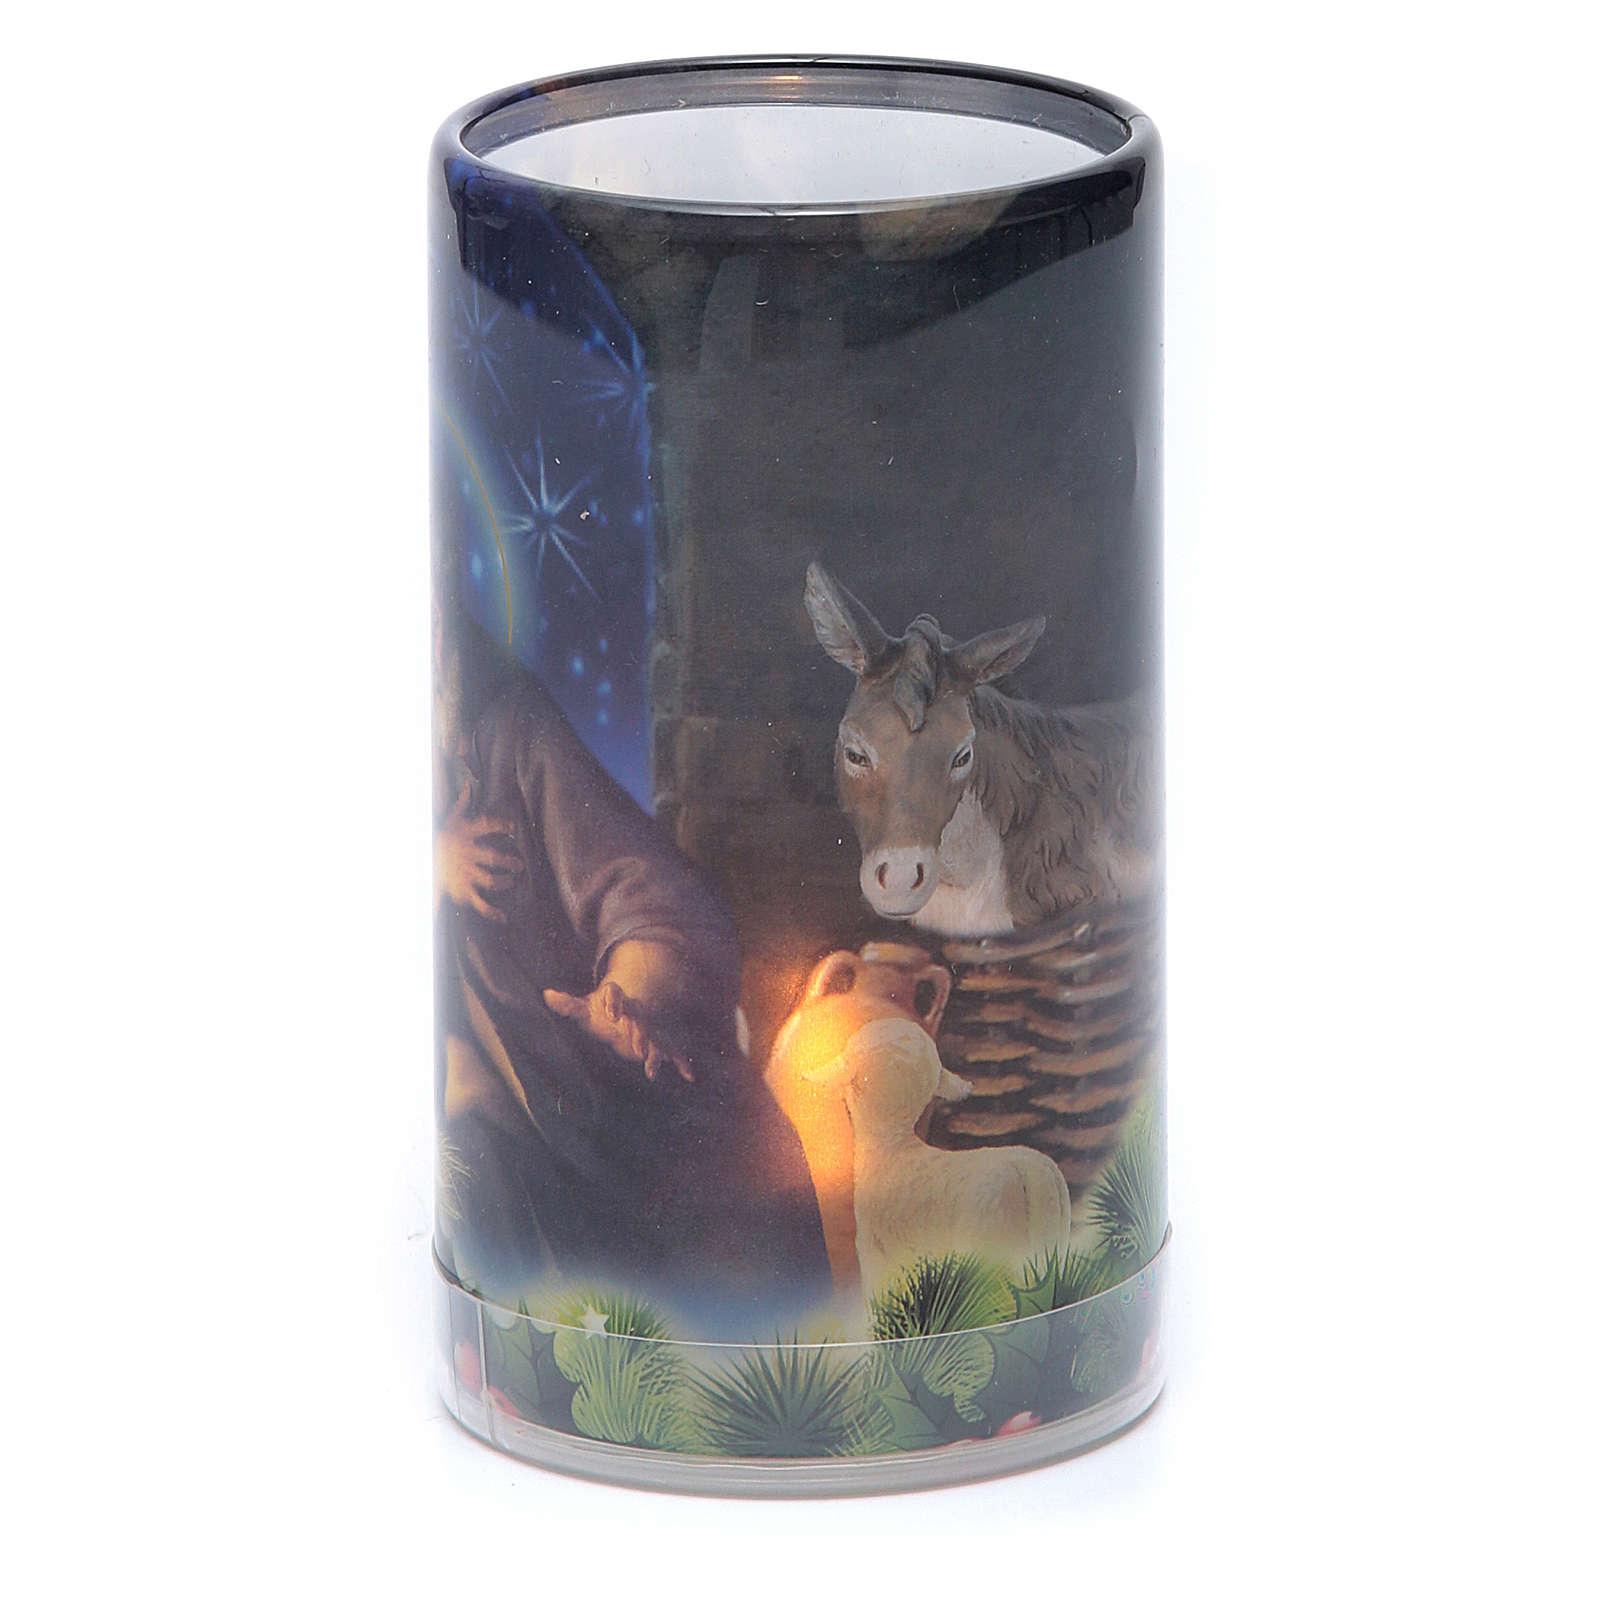 Świeca na baterie bożonarodzeniowy wizerunek i imitacja świecy wewnątrz 3